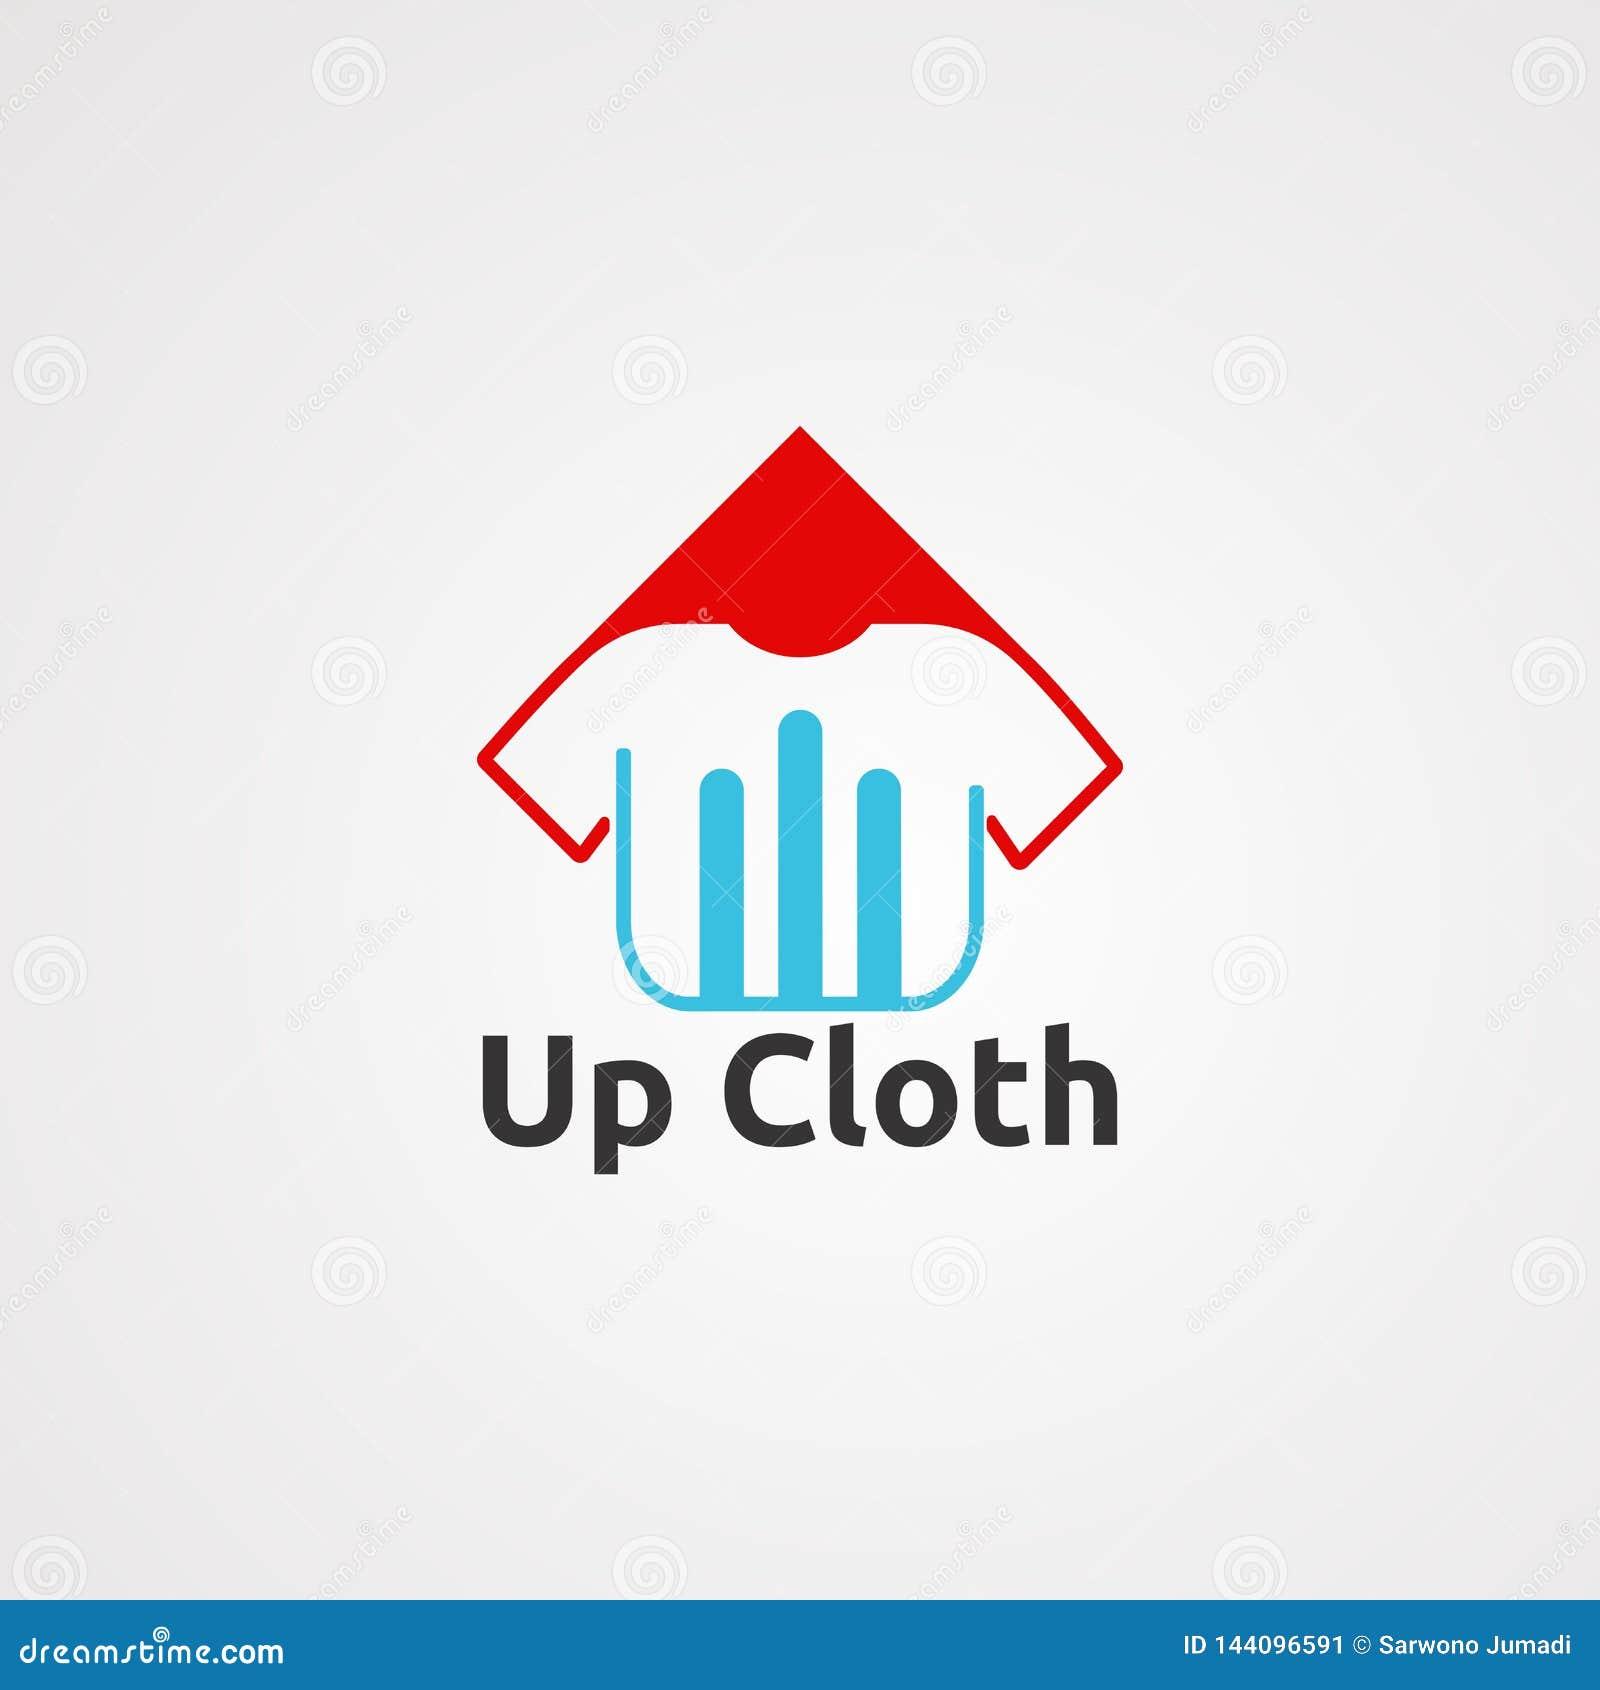 Вверх по вектору, значку, элементу, и шаблону логотипа ткани для компании